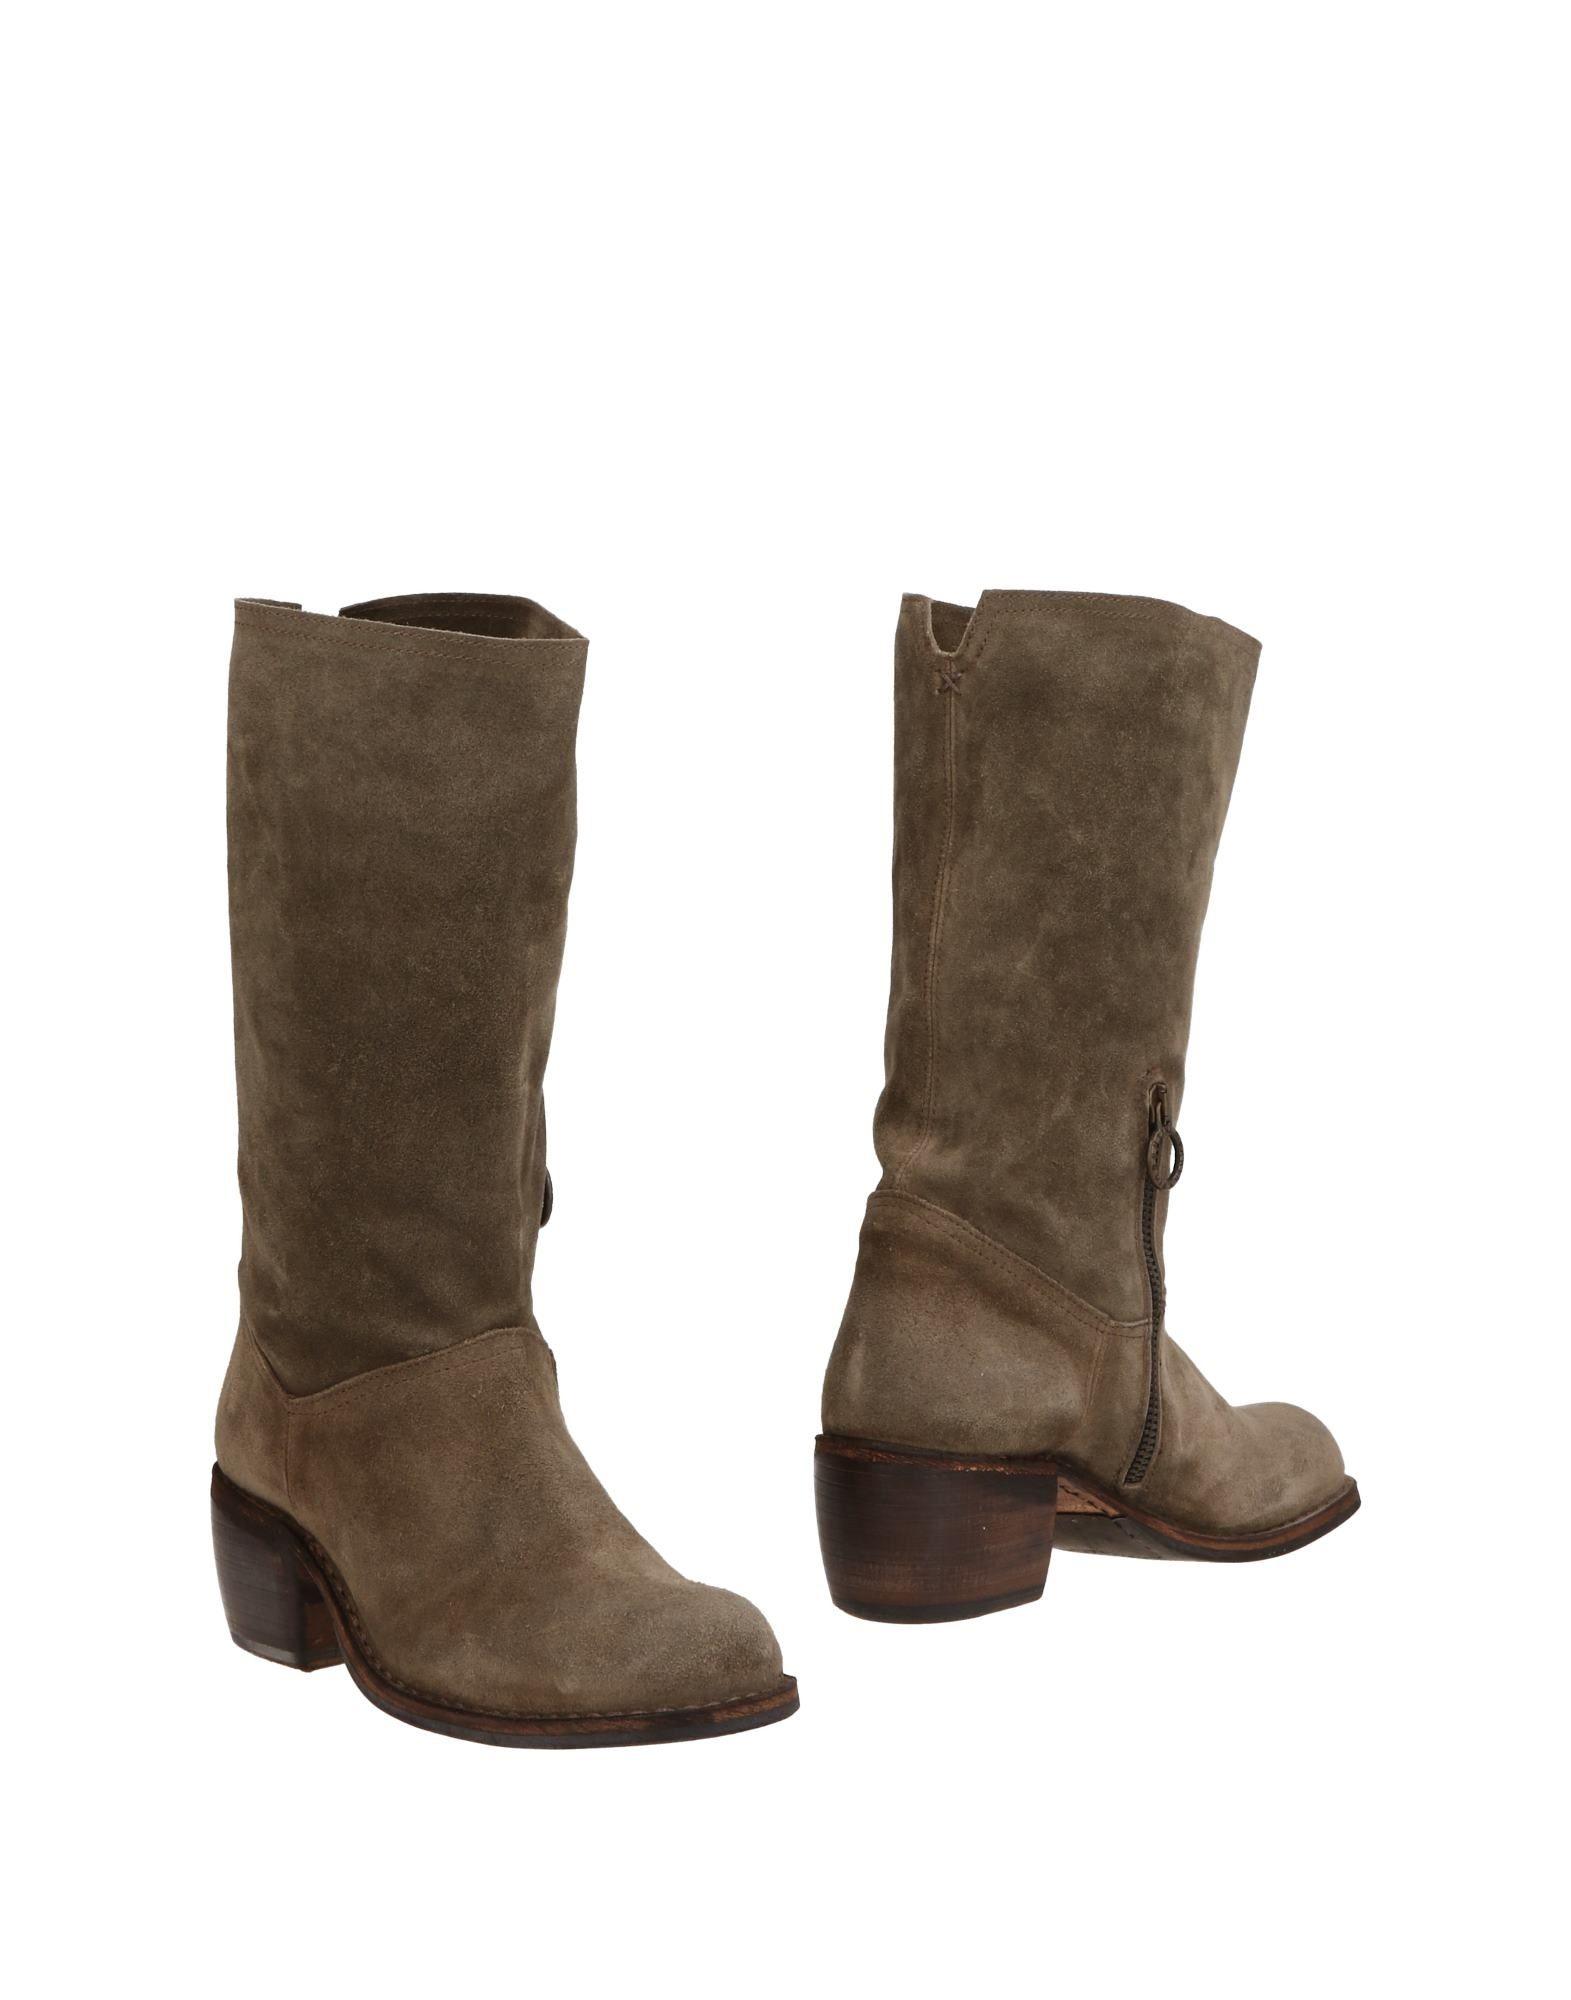 Fiorentini+Baker Stiefel Damen  11499500UUGut aussehende strapazierfähige Schuhe